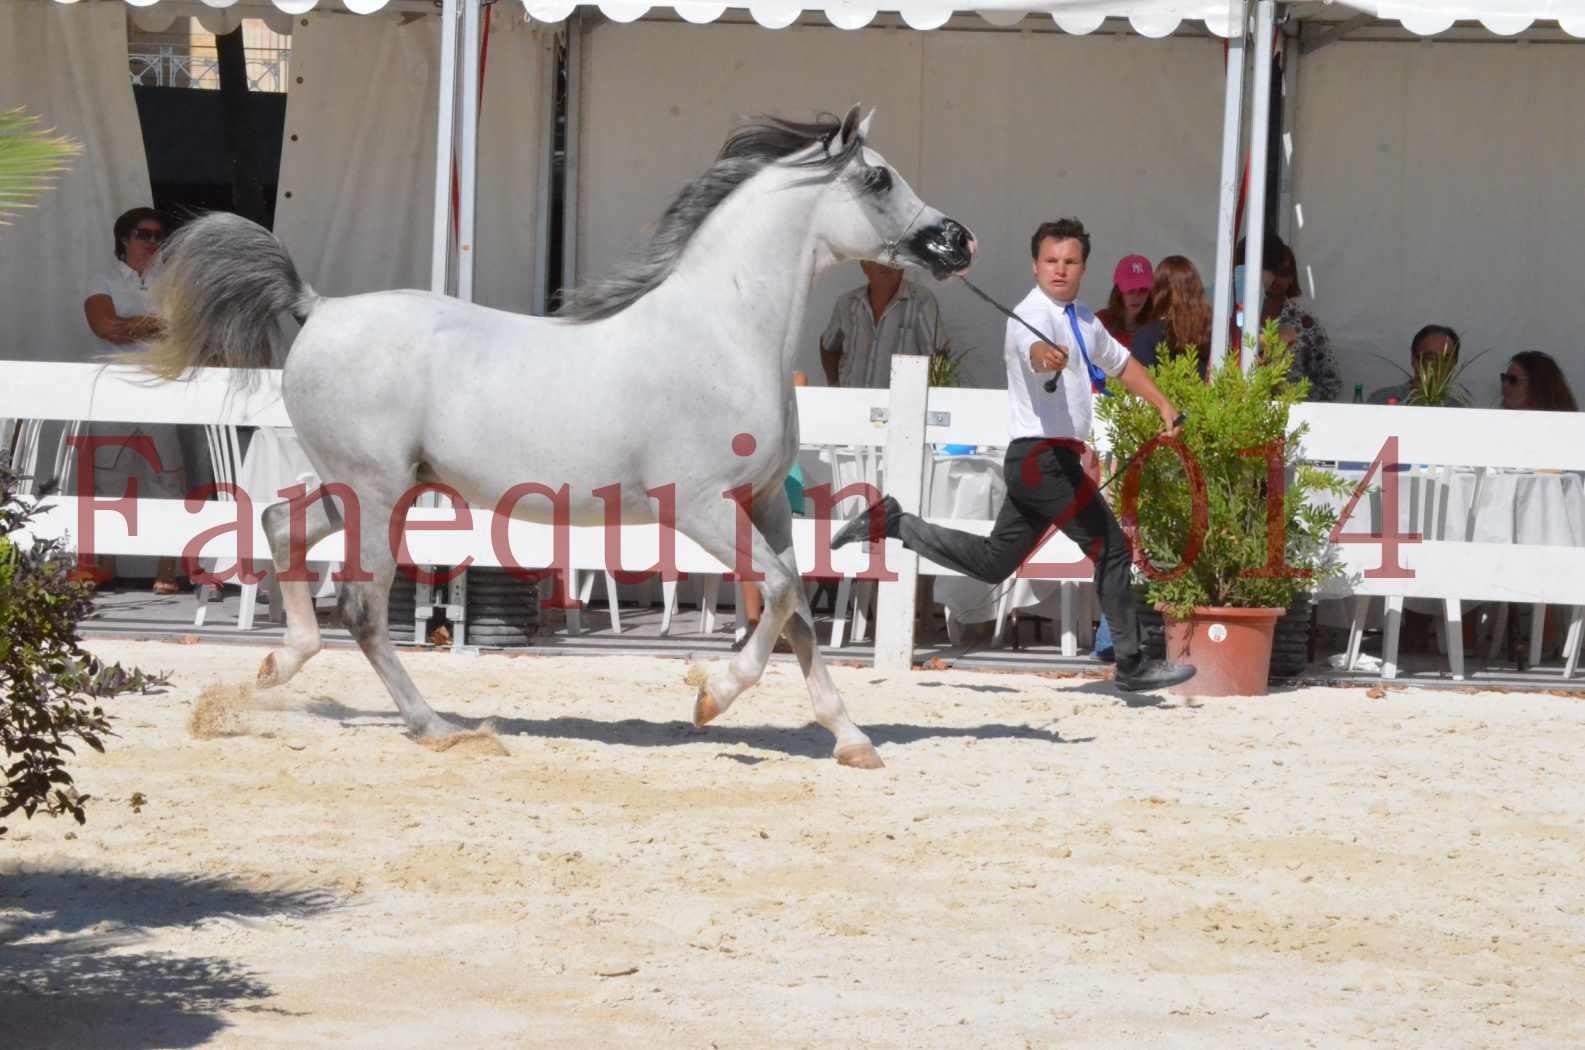 Concours National de Nîmes de chevaux ARABES 2014 - Sélection - SHAOLIN DE NEDJAIA - 03